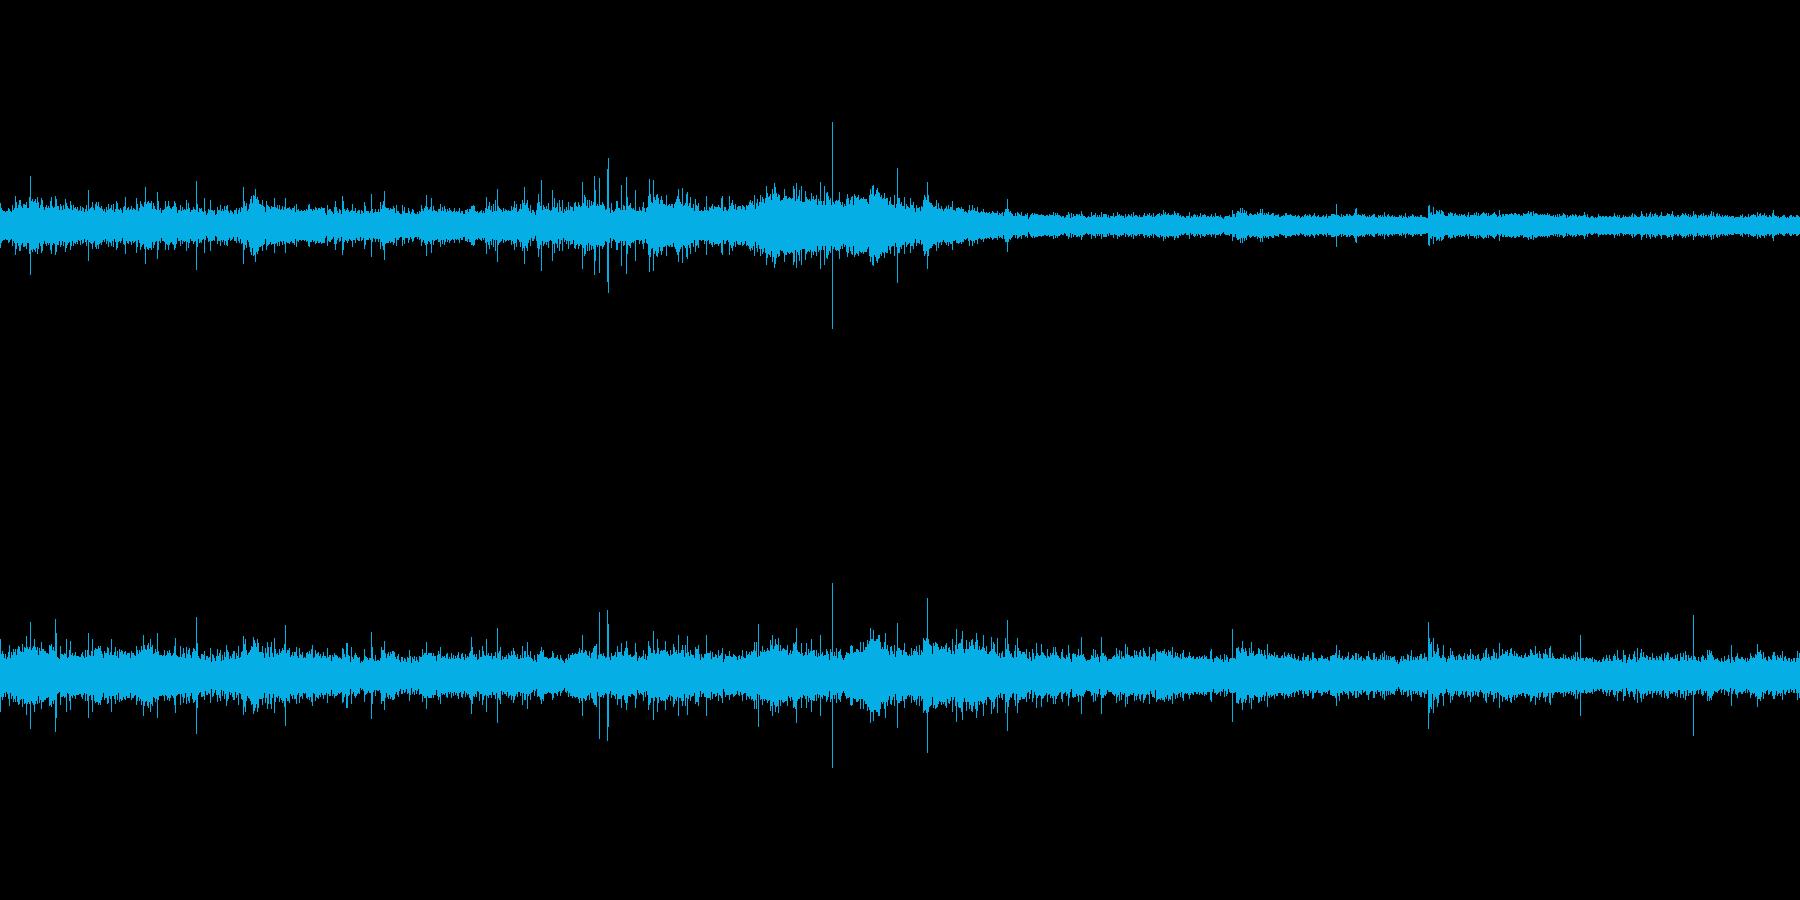 バイノーラル録音で肉を焼く音の再生済みの波形